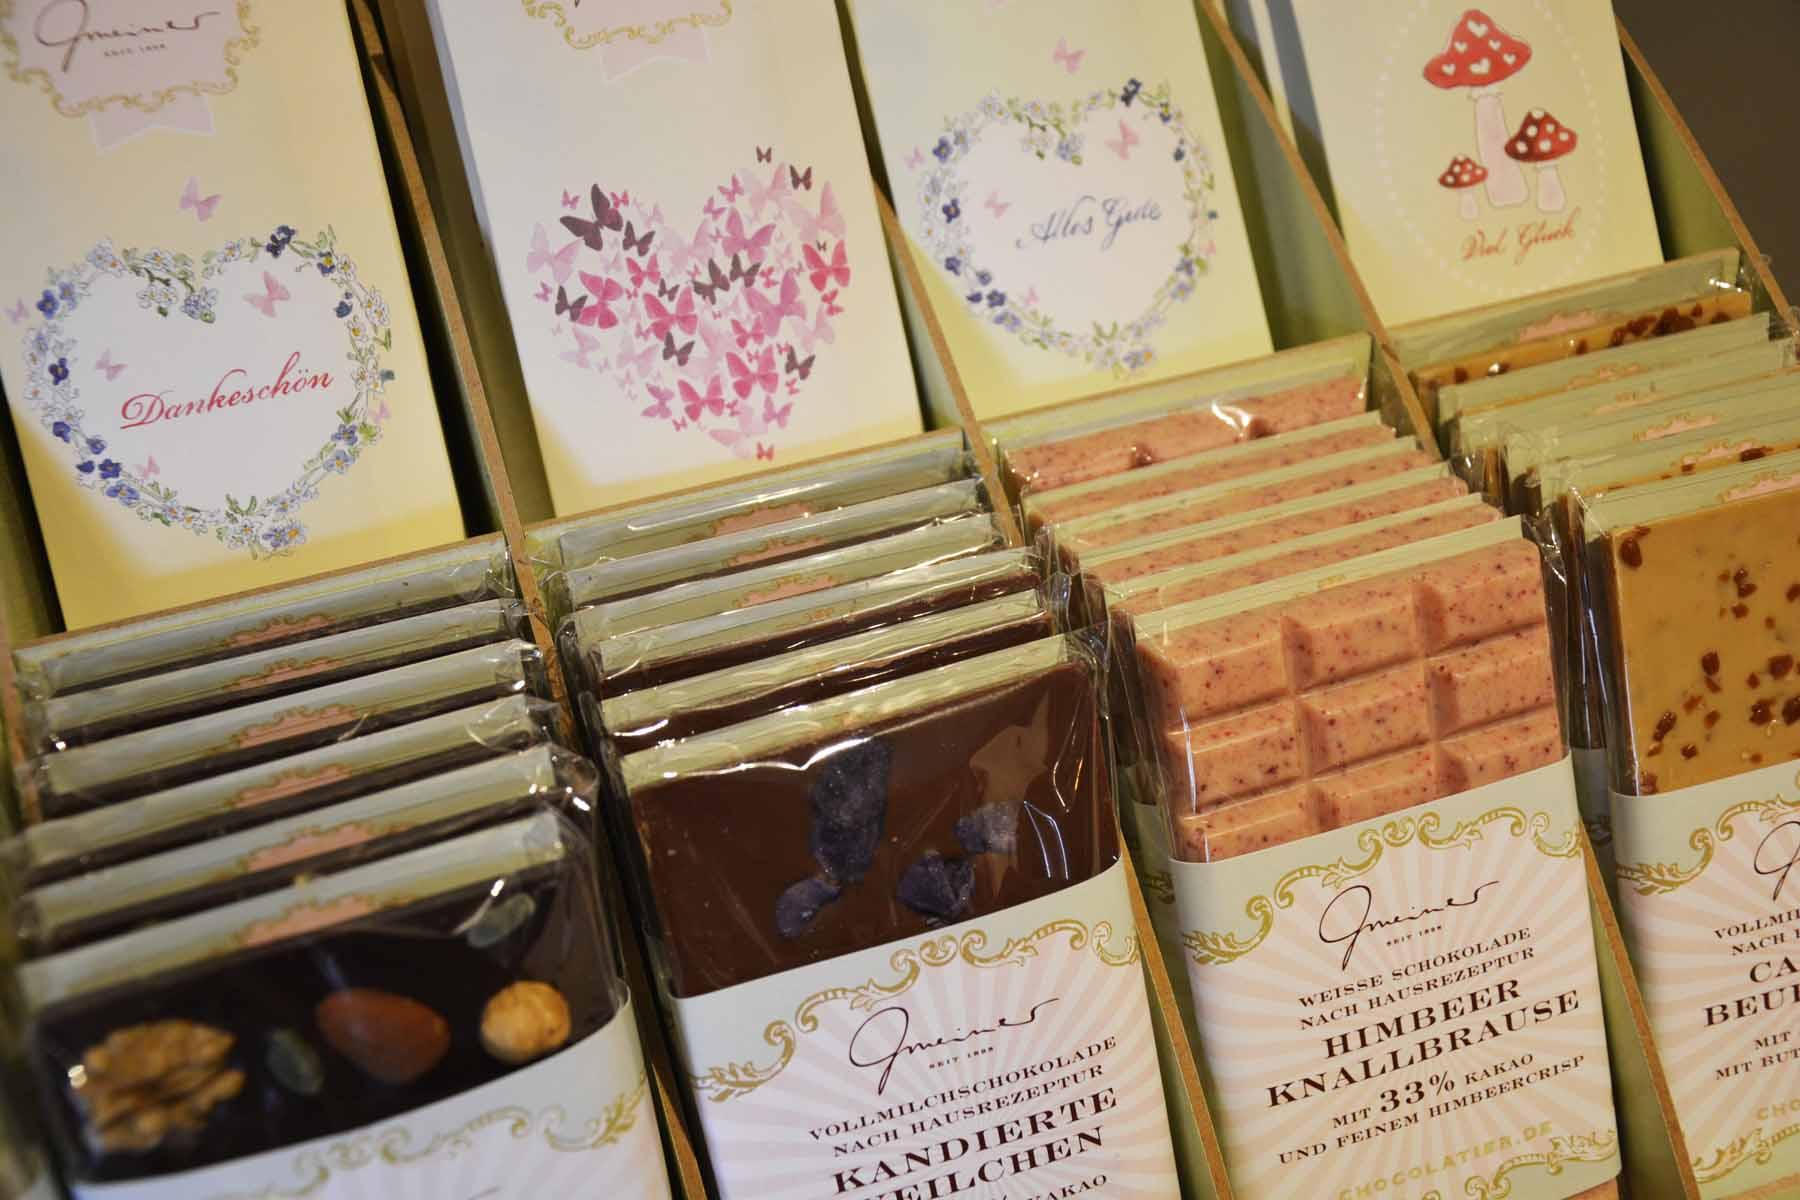 Auswahl von Gourmet-Schokoladen